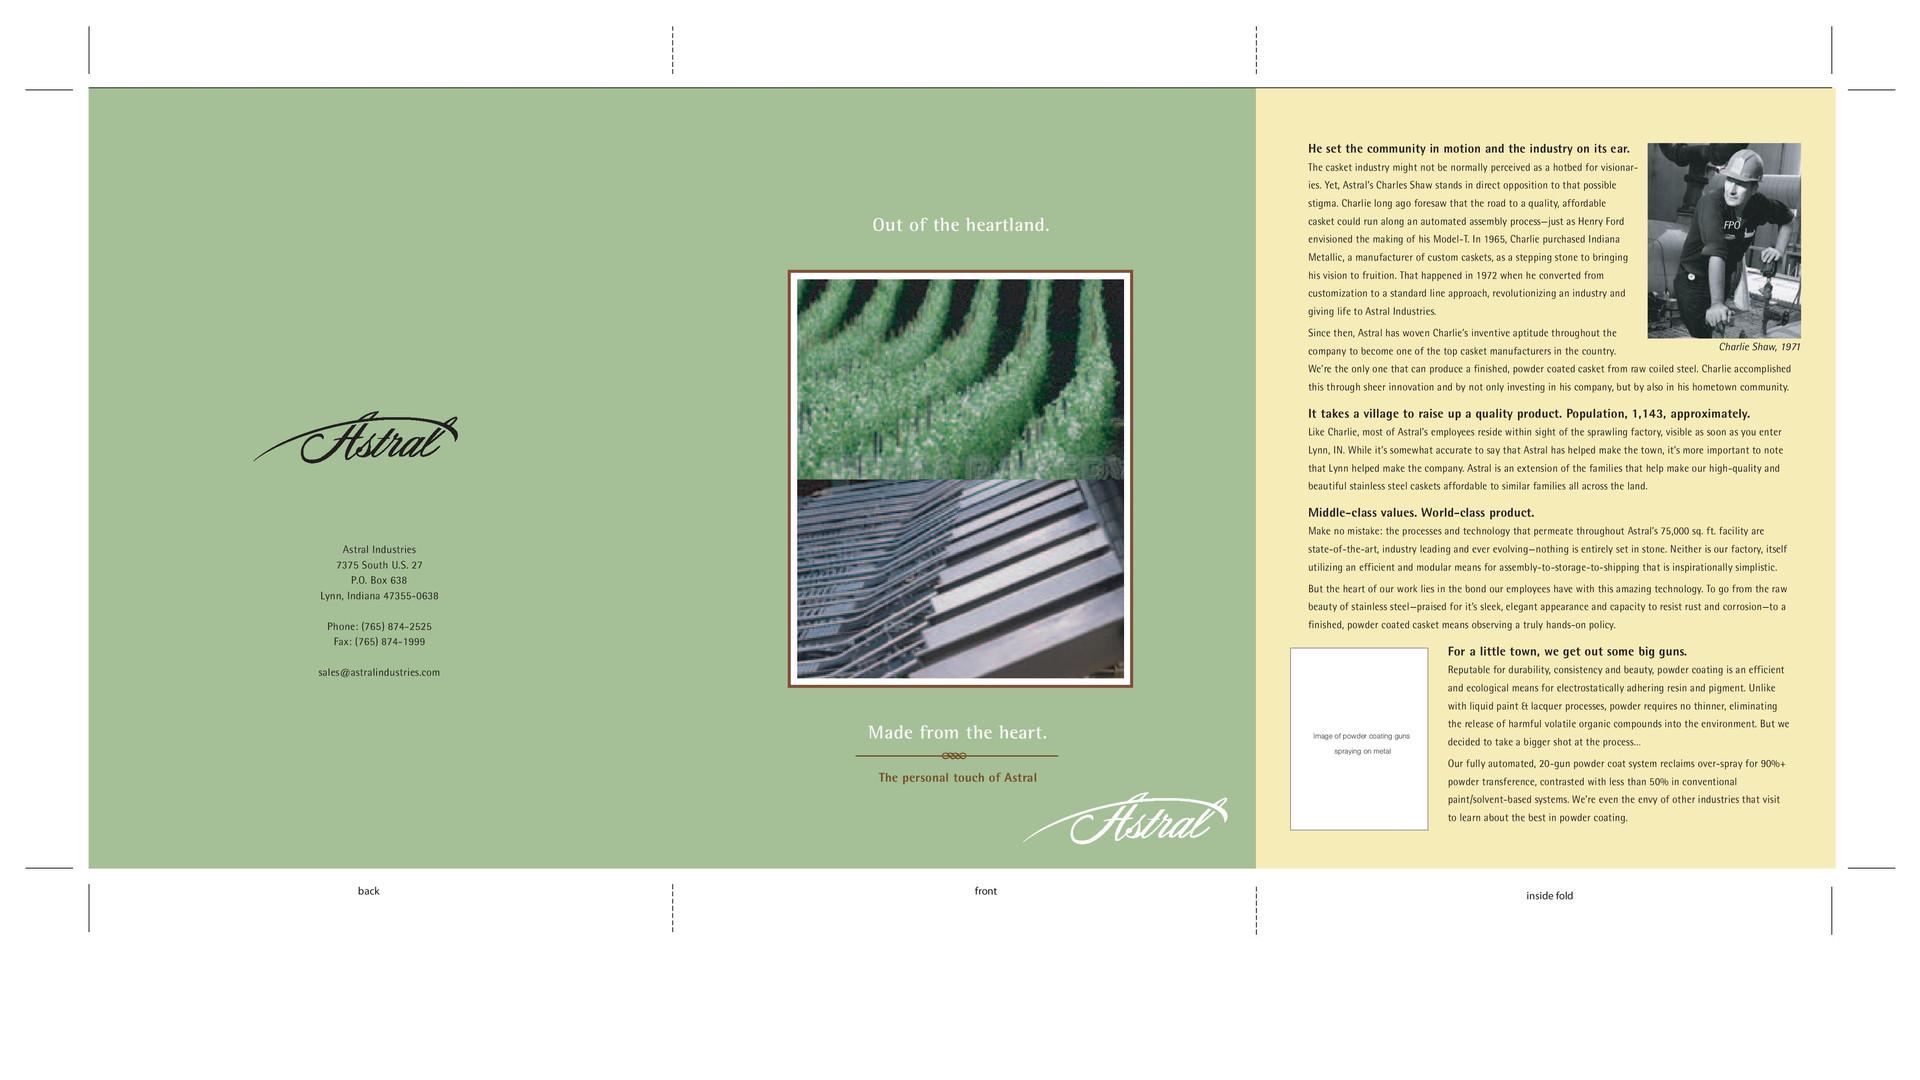 Astral_Industries_brochure-page-002.jpg